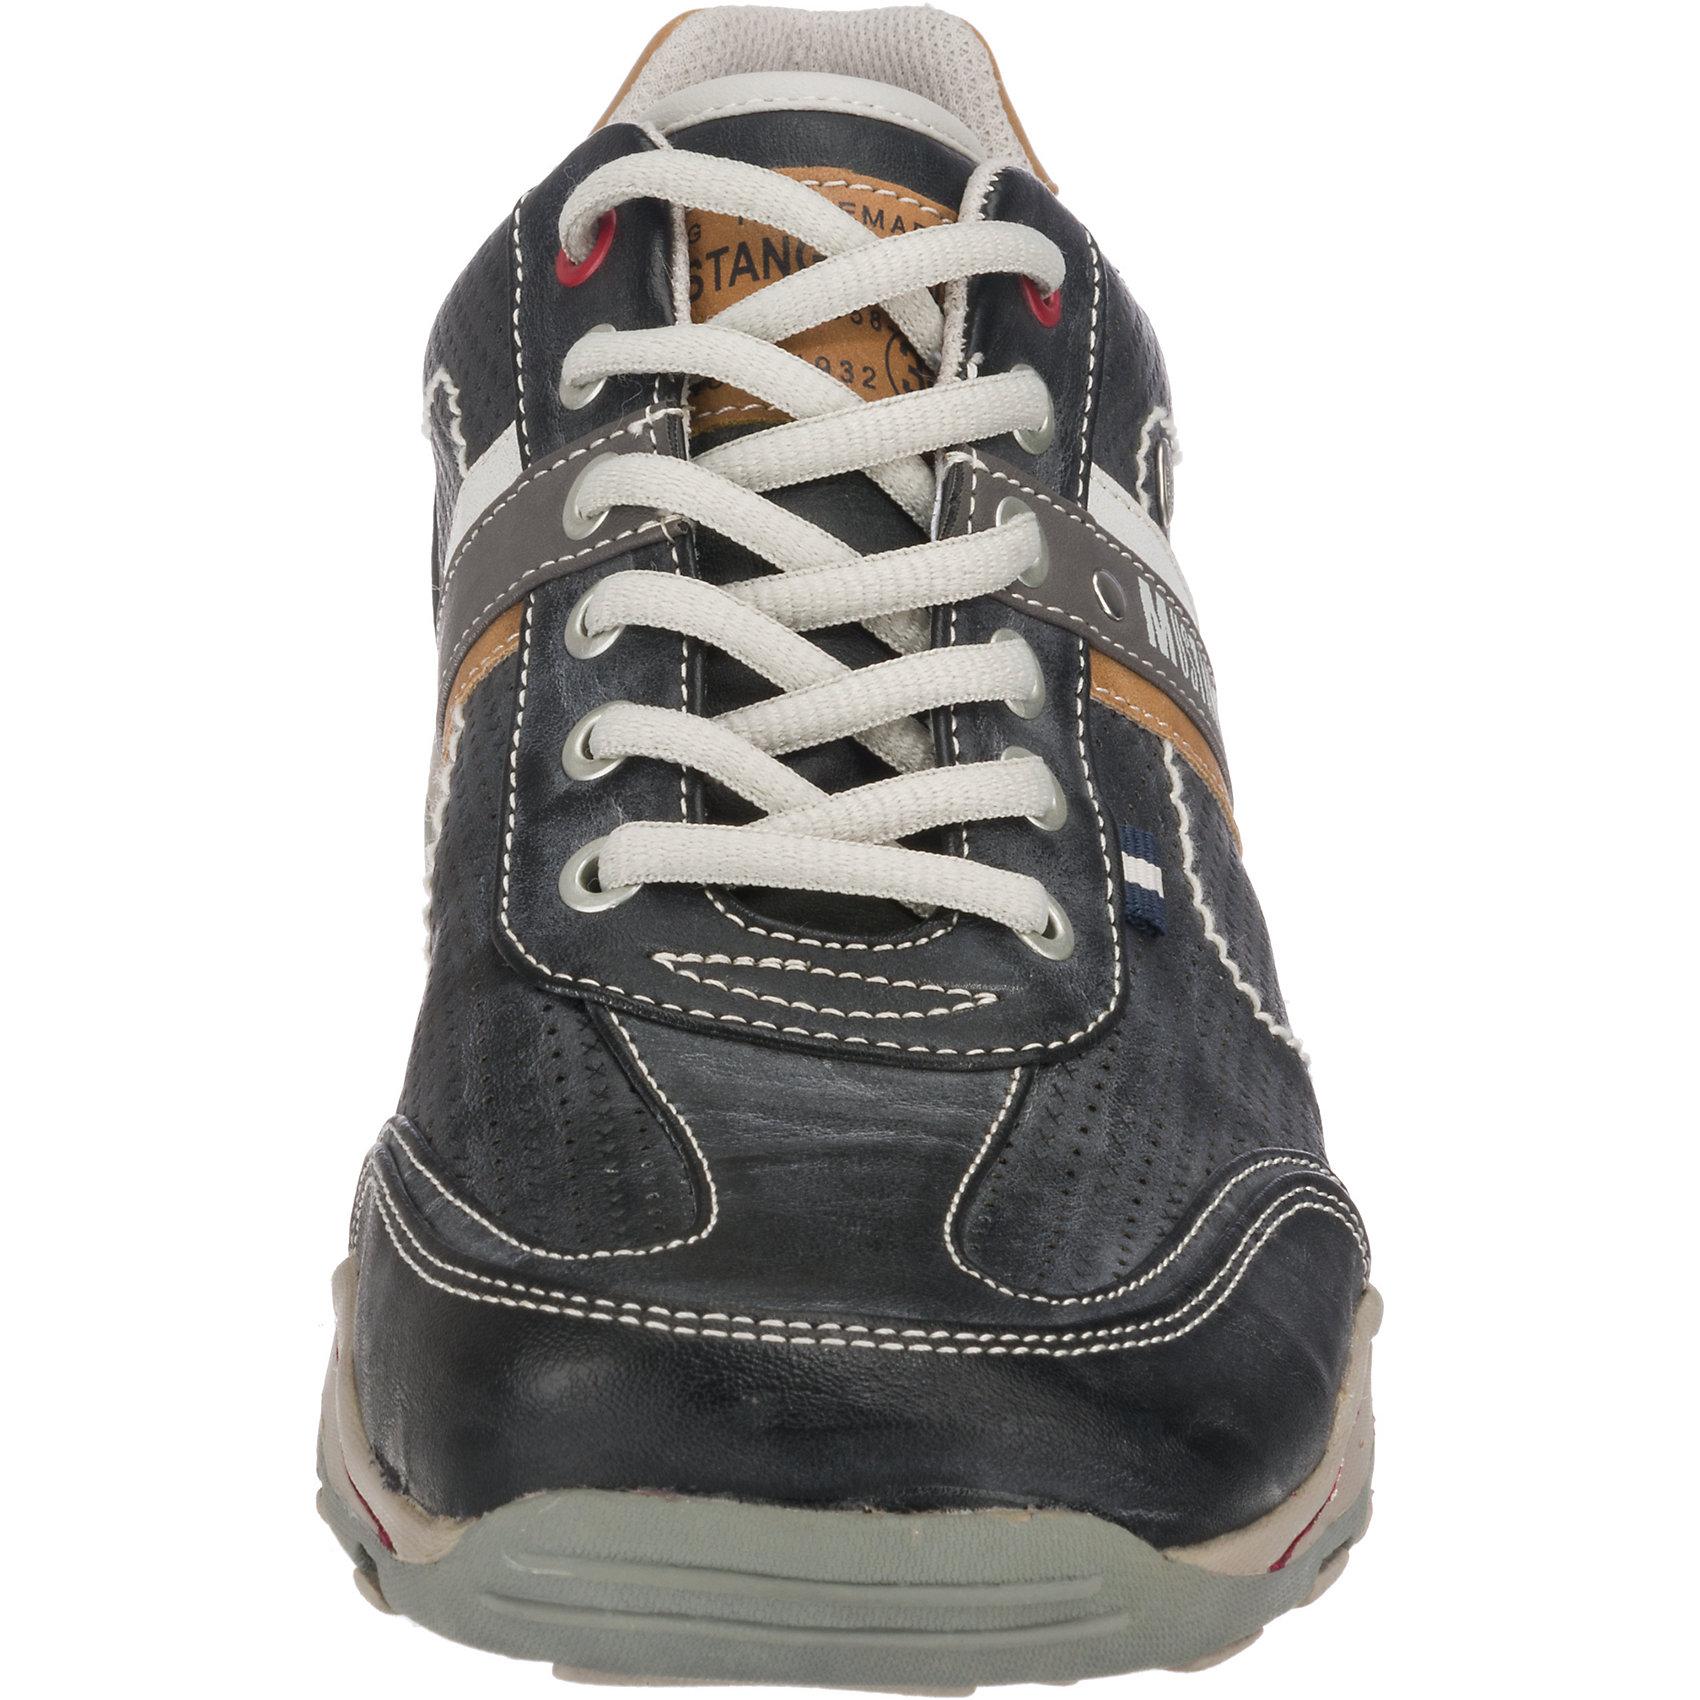 Neu MUSTANG Freizeit Schuhe grau-kombi 6959706